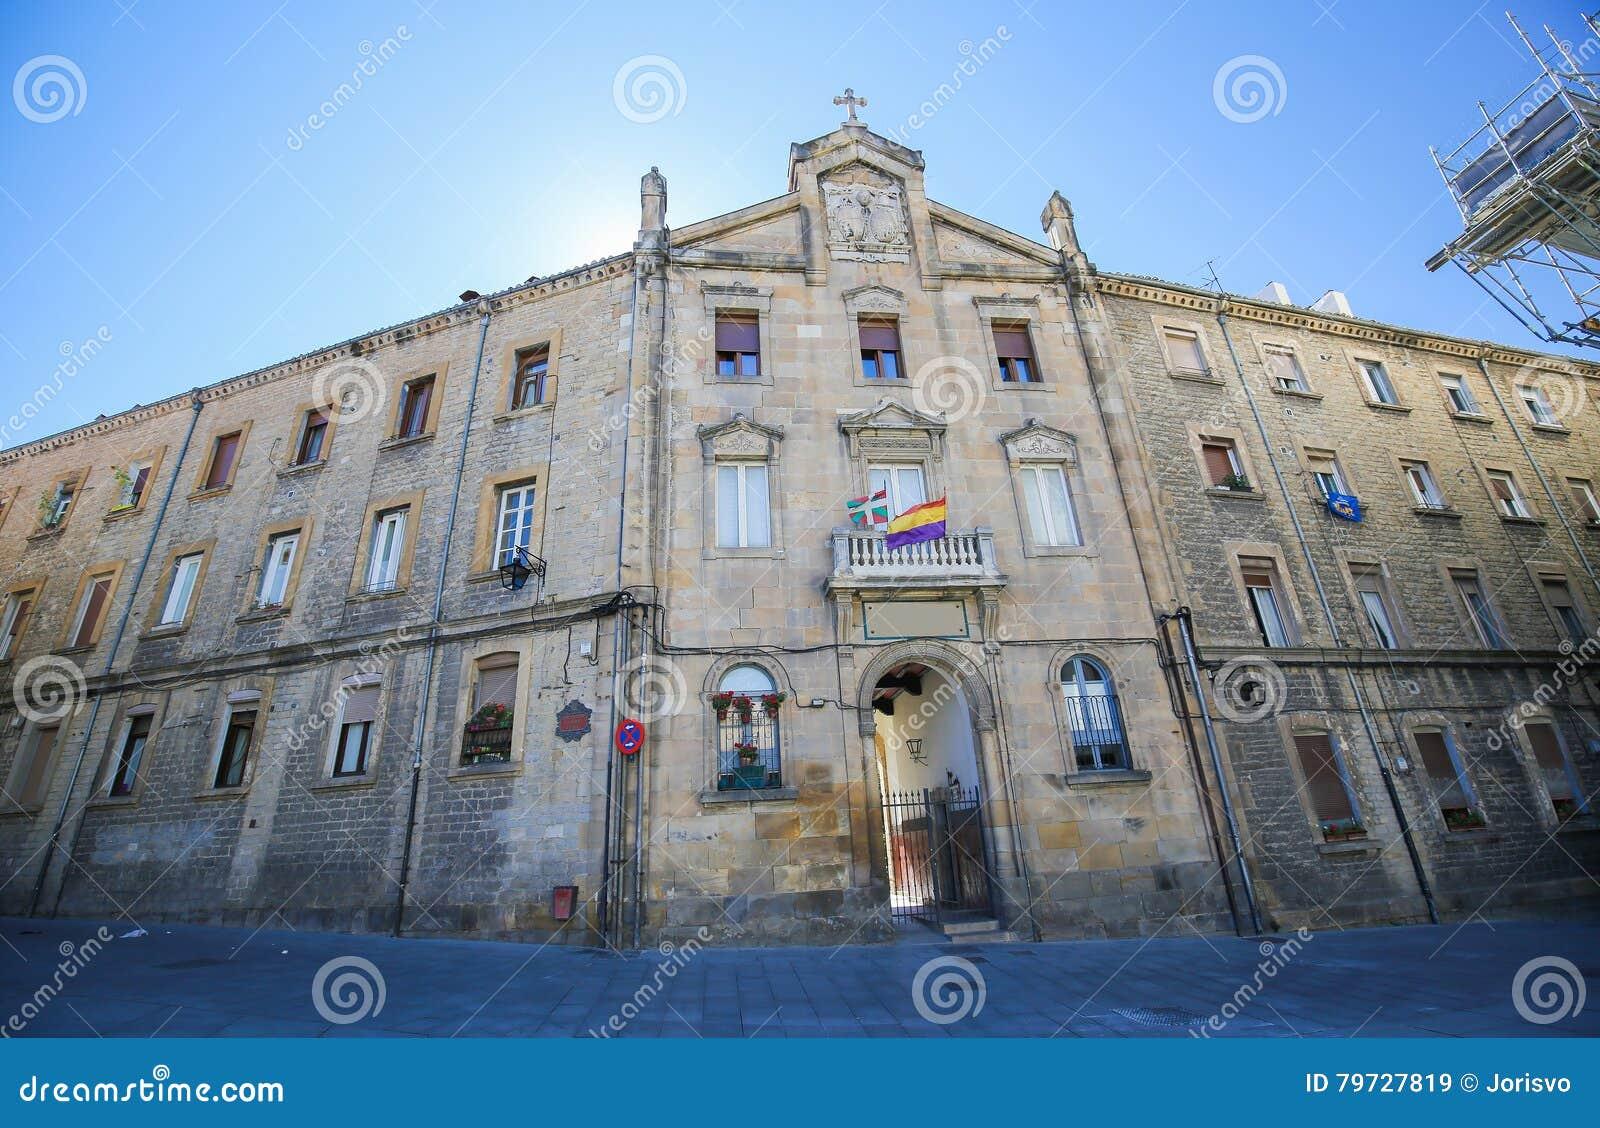 Edificio histórico en el centro de Vitoria-Gasteiz